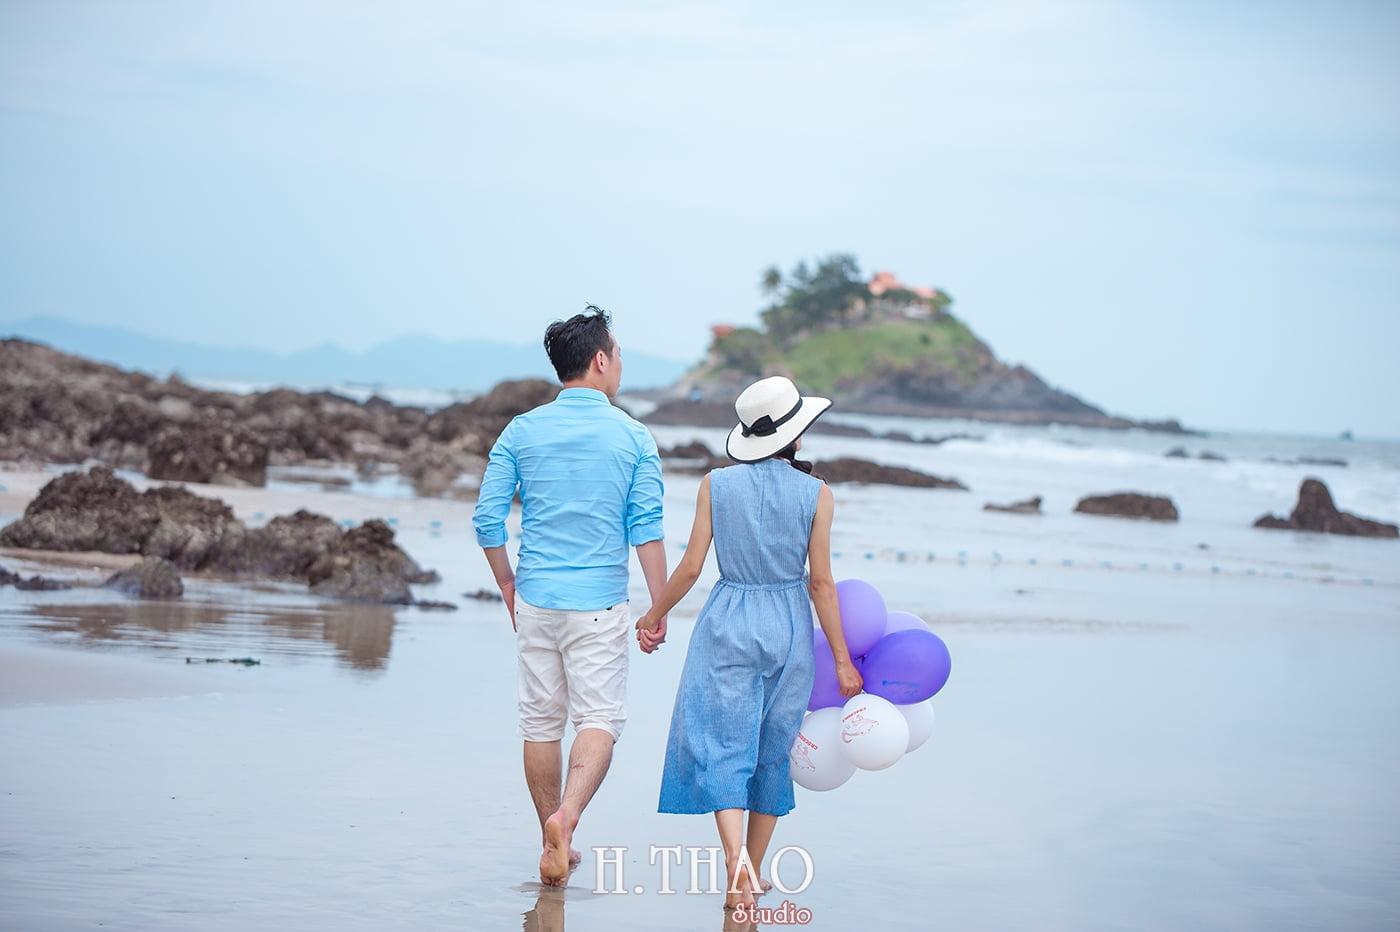 anh 356 - Chụp ảnh couple, kỷ niệm Valentine - Ngày Lễ tình nhân